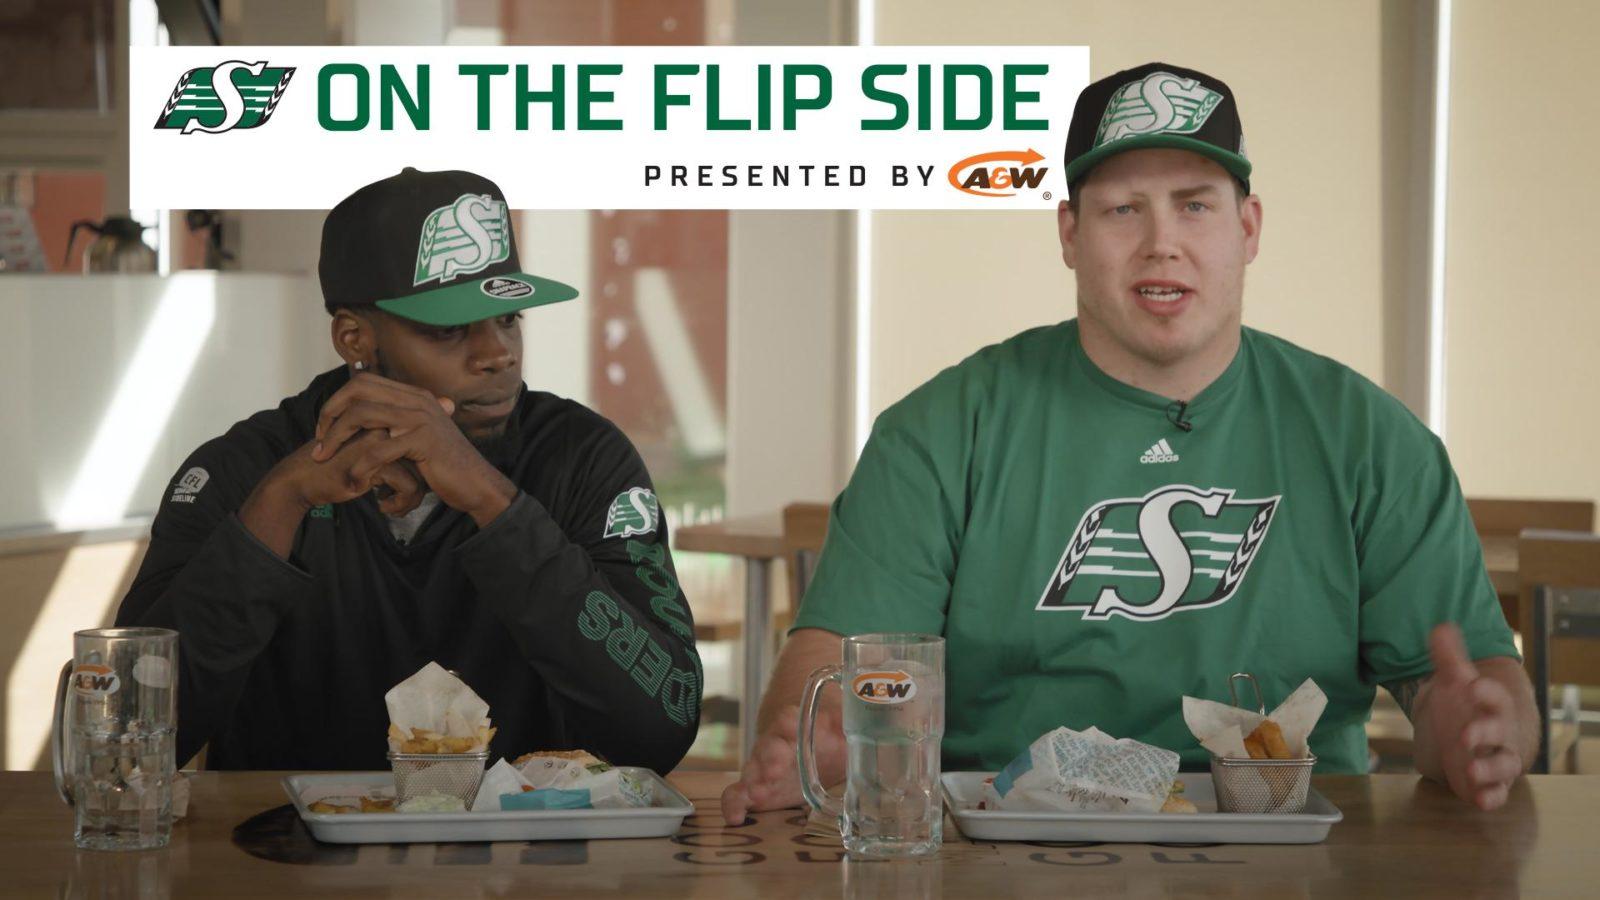 On The Flip Side | Episode 1 - Saskatchewan Roughriders